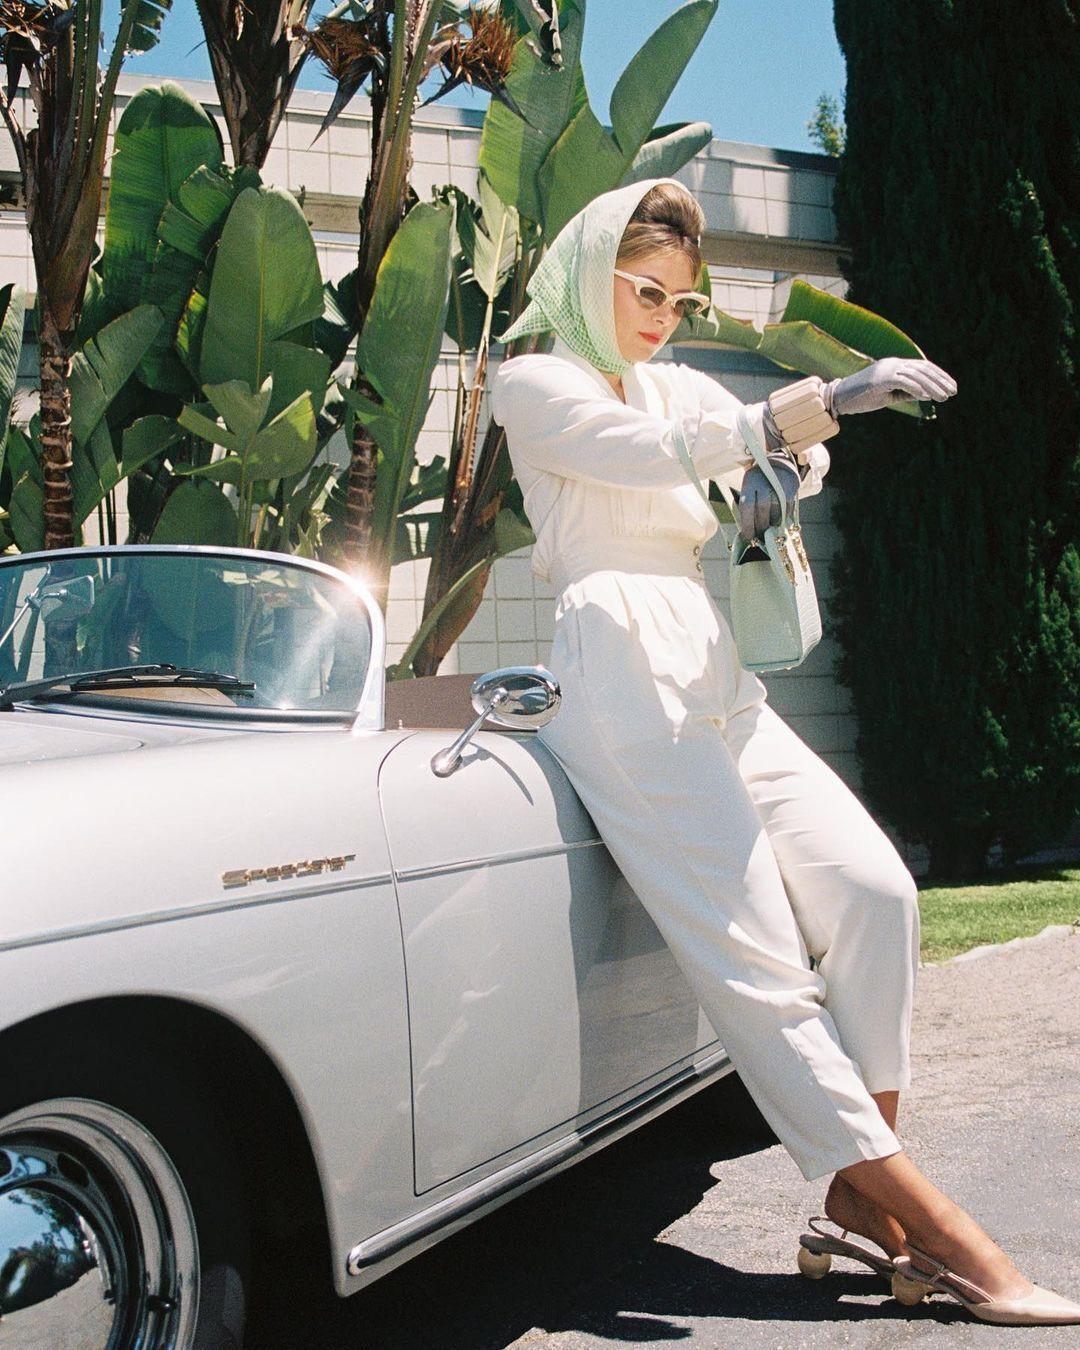 Марія Шарапова позує біля машини